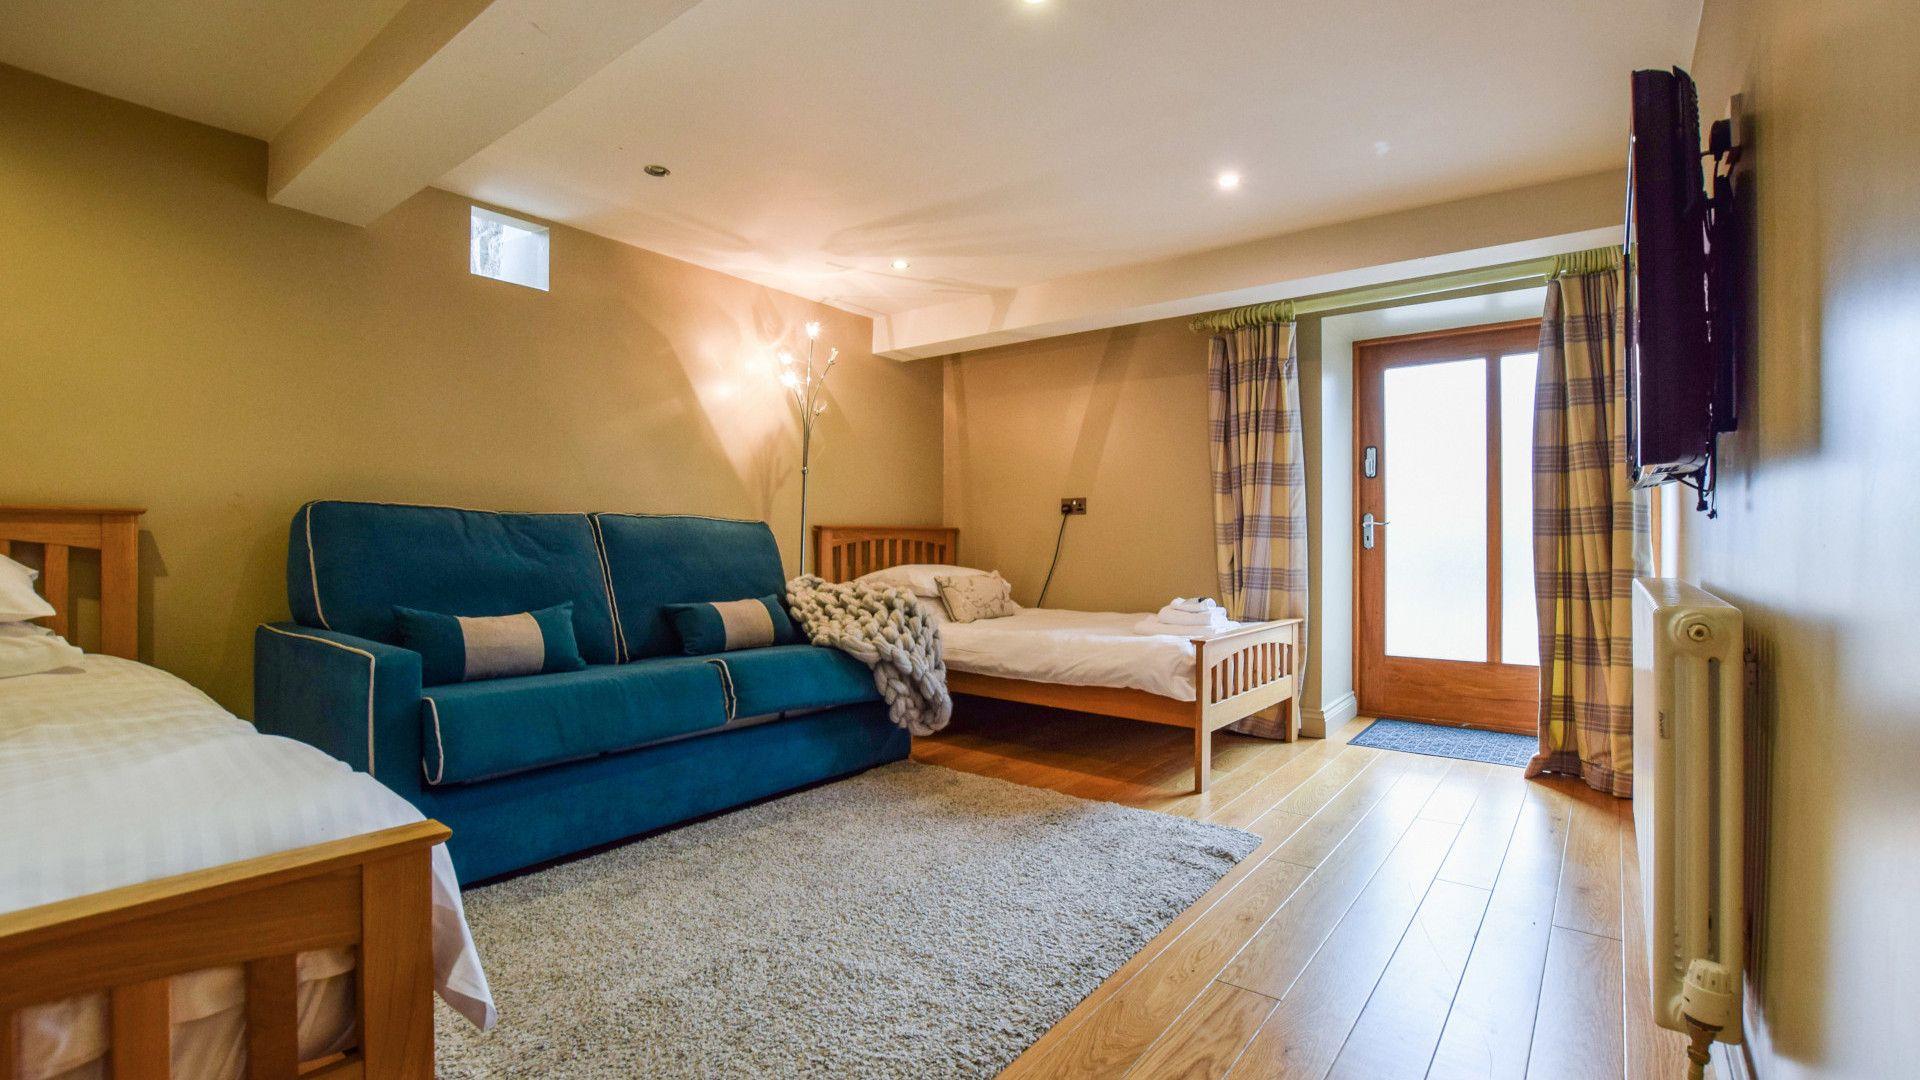 Bedroom 3, twin & sofa bed, Tythe Barn at Avon Farm, Bolthole Retreats